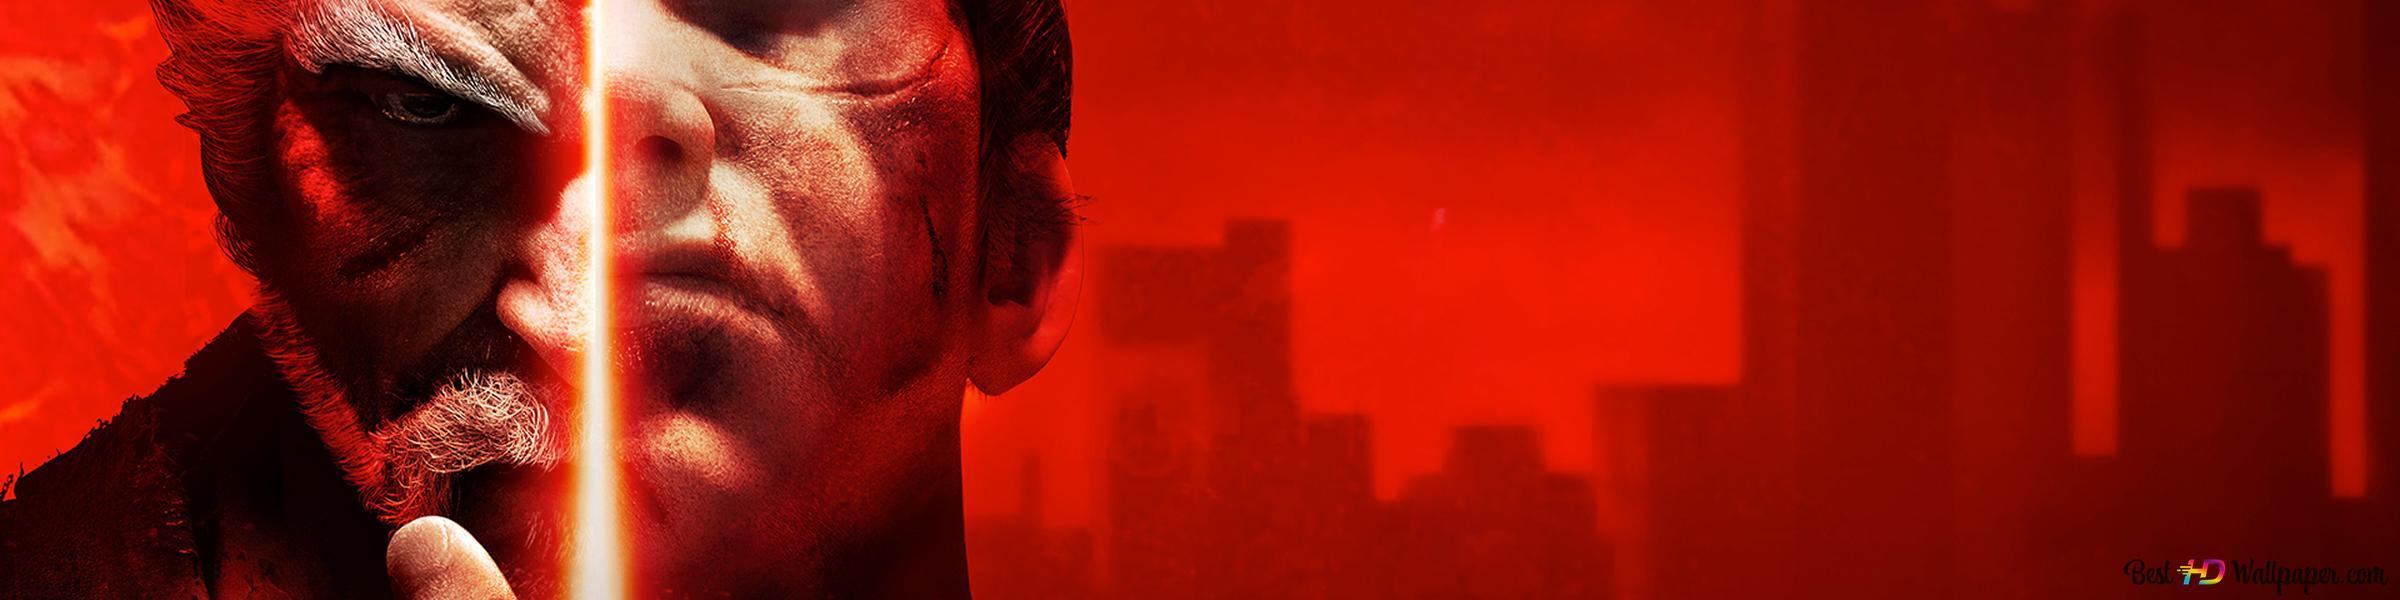 Tekken 7 Heihachi Mishima Vs Kazuya Mishima Hd Wallpaper Download